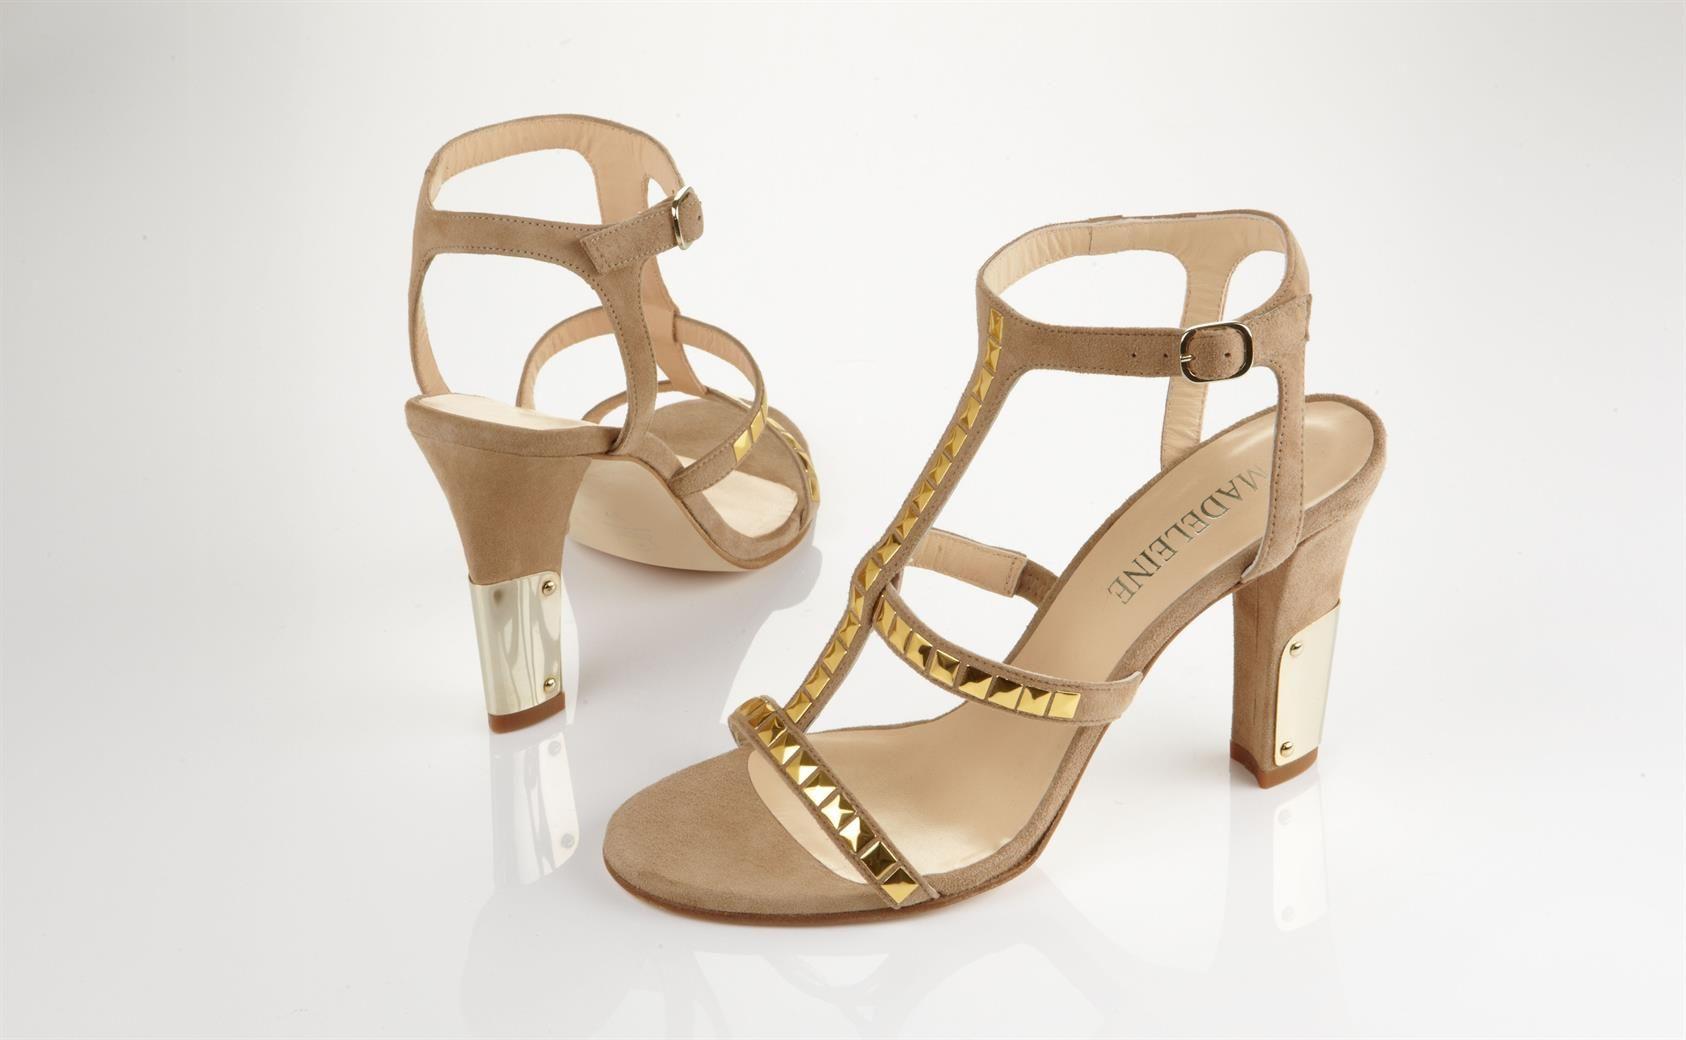 96efb80e5f15a1 Sandalette mit Ziernieten und verstellbarem Fesselriemchen. Absatz mit  goldfarbener Plakette.